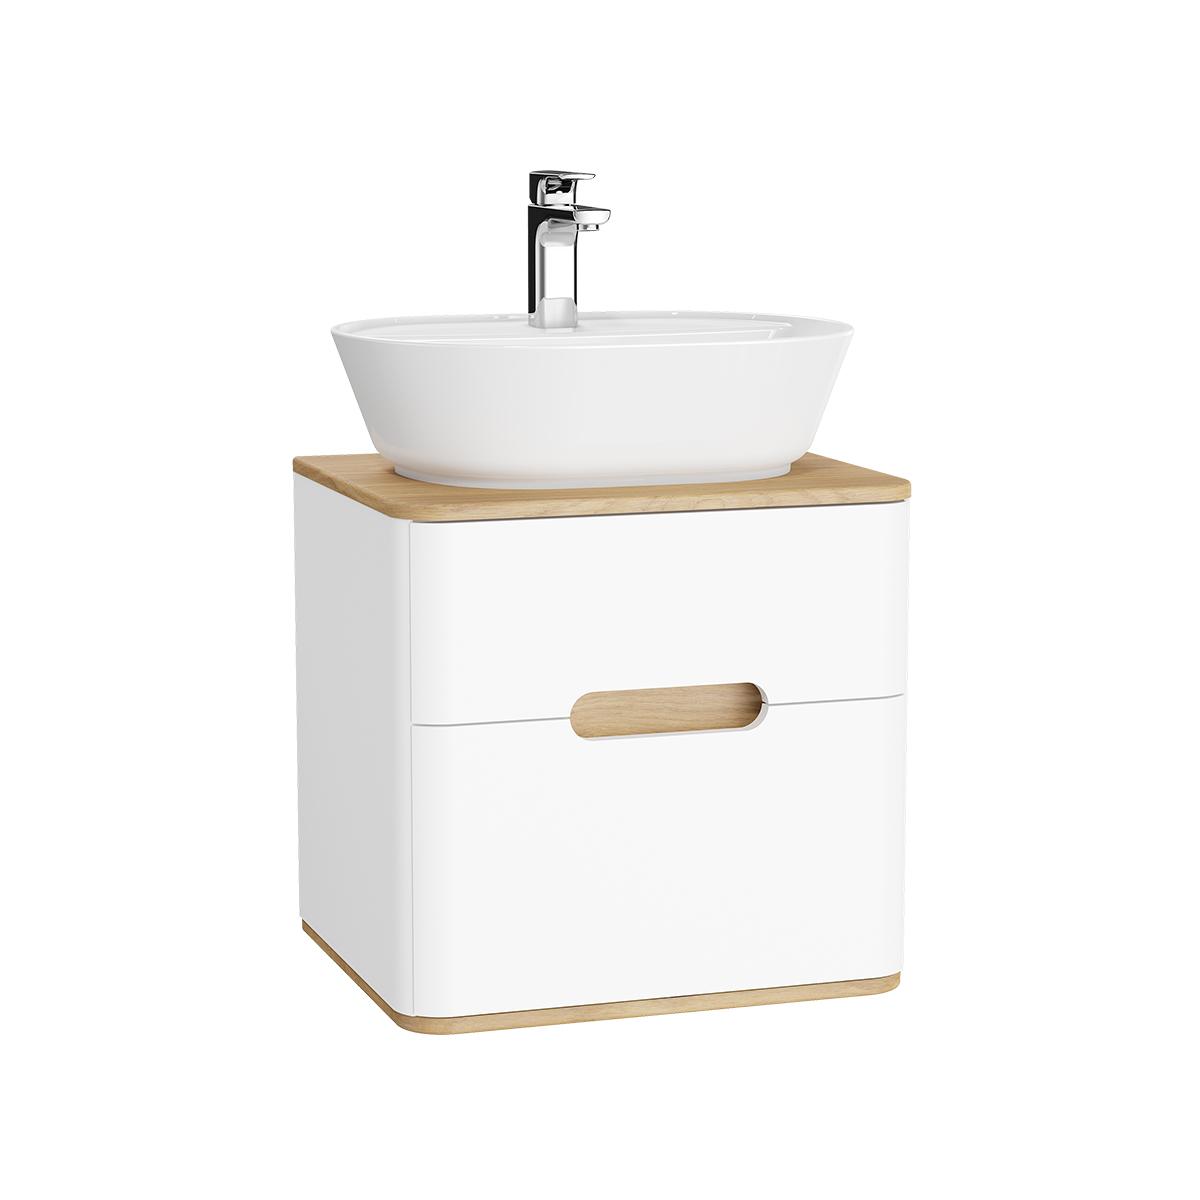 Sento Waschtischunterschrank, 55 cm, für Aufsatzwaschtische, mit 2 Vollauszügen, Weiß Matt